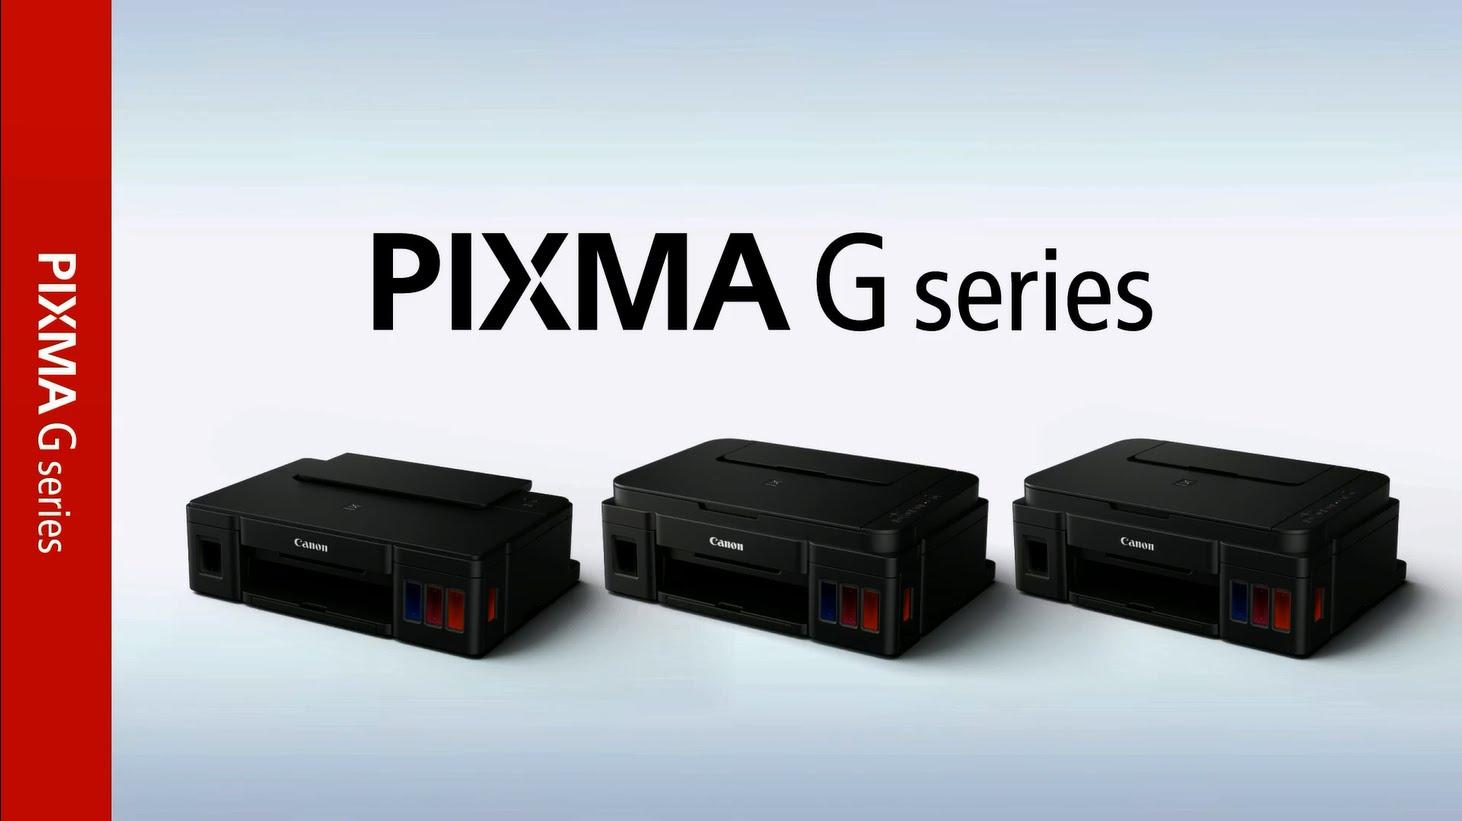 Canon PIXMA G2010 Máy In Phun Đa Chức Năng Tiếp Mực Liên Tục